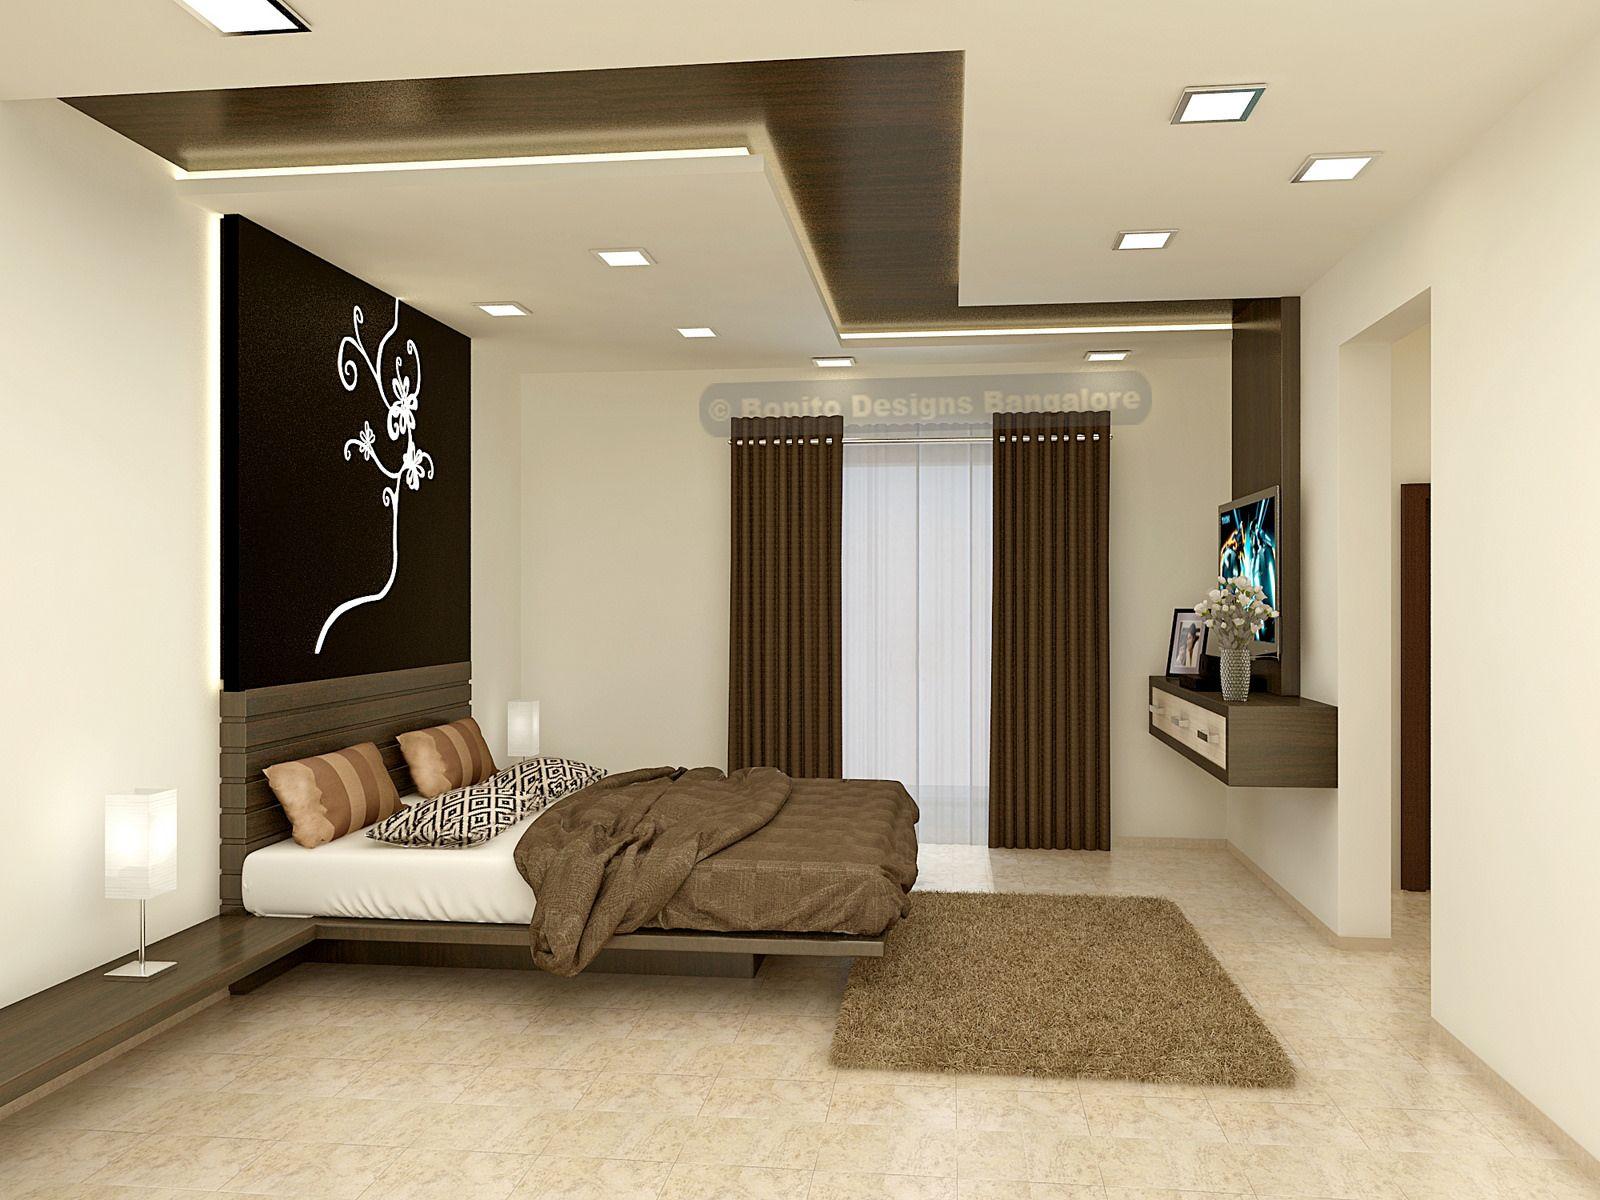 sandepmbr 1 | Bedroom false ceiling design, Ceiling design ...